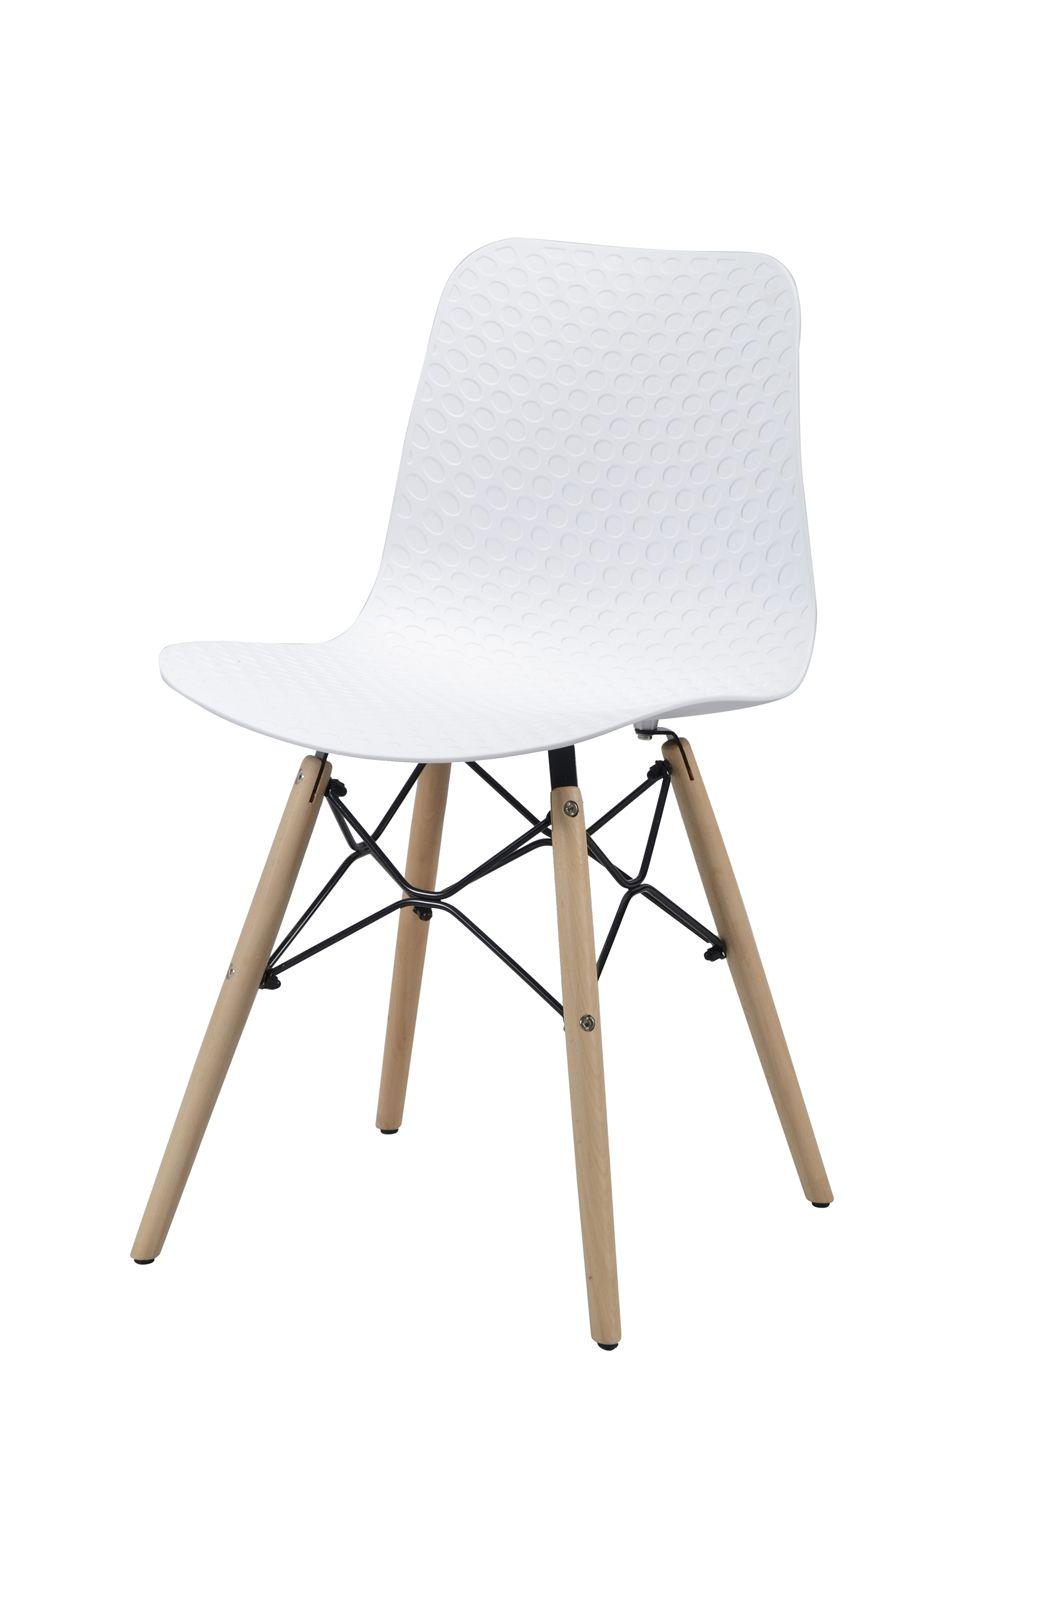 Der Esszimmerstuhl Candy Ist Ein Moderner Stuhl Mit Stylischer Sitzschale Aus Polypropylen Und Angesagter Golfb Esszimmerstuhle Stuhle Moderne Stuhle